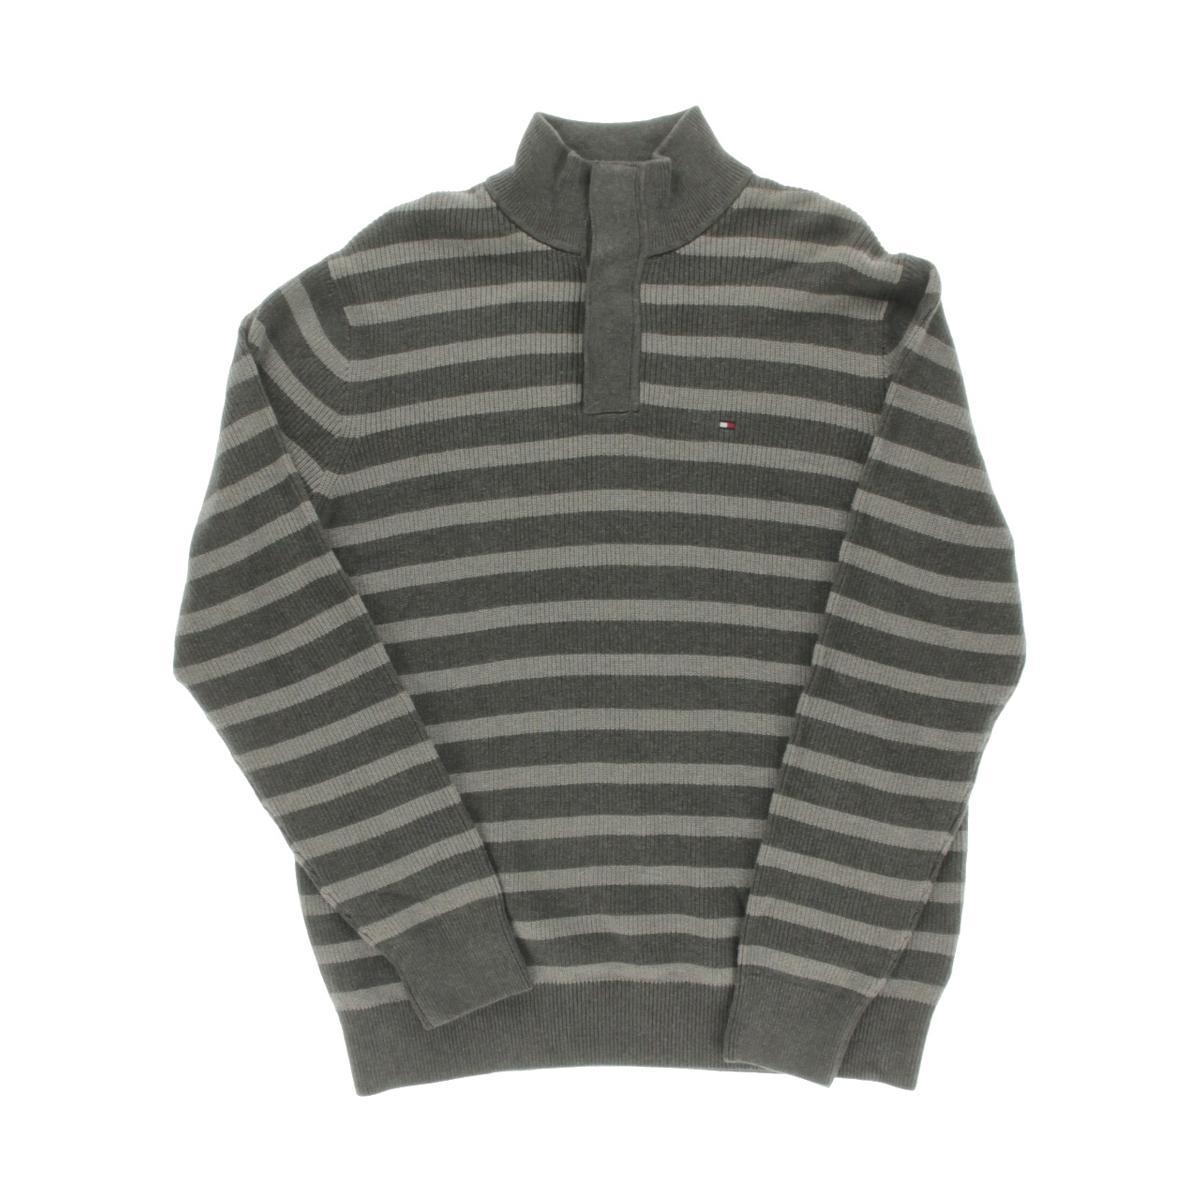 tommy hilfiger 8537 mens striped long sleeves mock collar. Black Bedroom Furniture Sets. Home Design Ideas